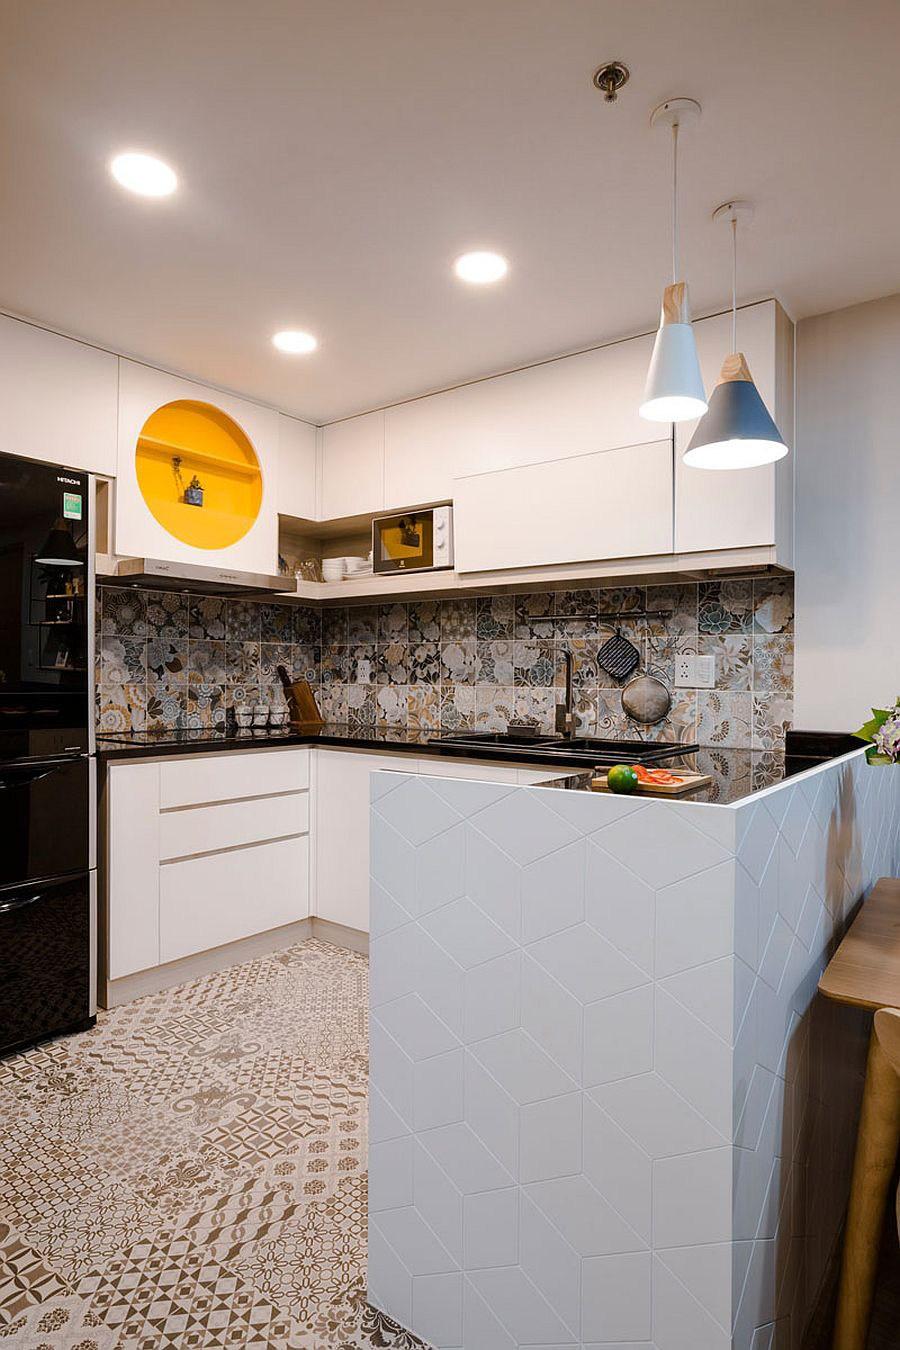 Chỉ với 3 mẹo không quá tốn tiền dưới đây, căn bếp nhỏ của bạn sẽ trở nên thoáng đãng - 2